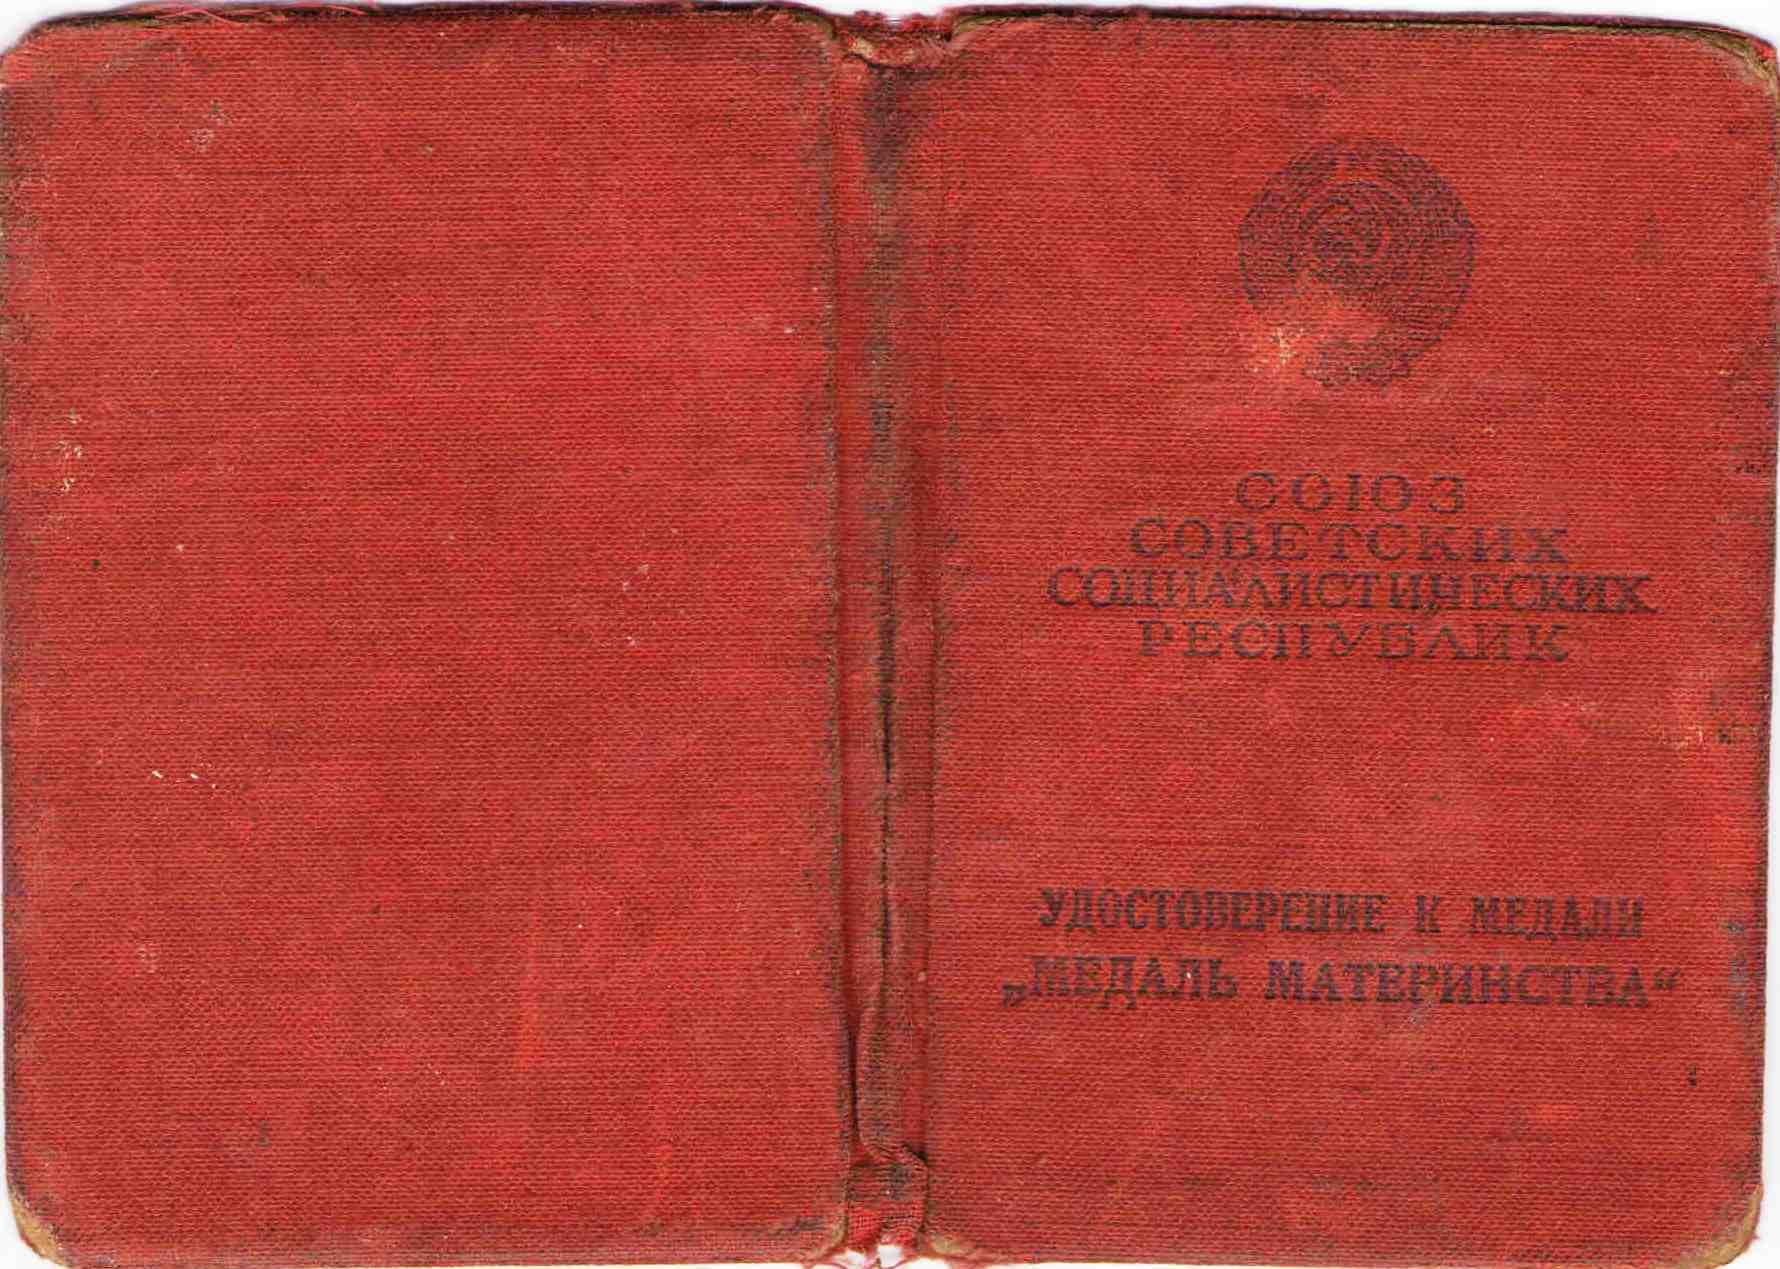 125. Удостоверение к медали Медаль материнства, Барыкина МГ, 1990-91